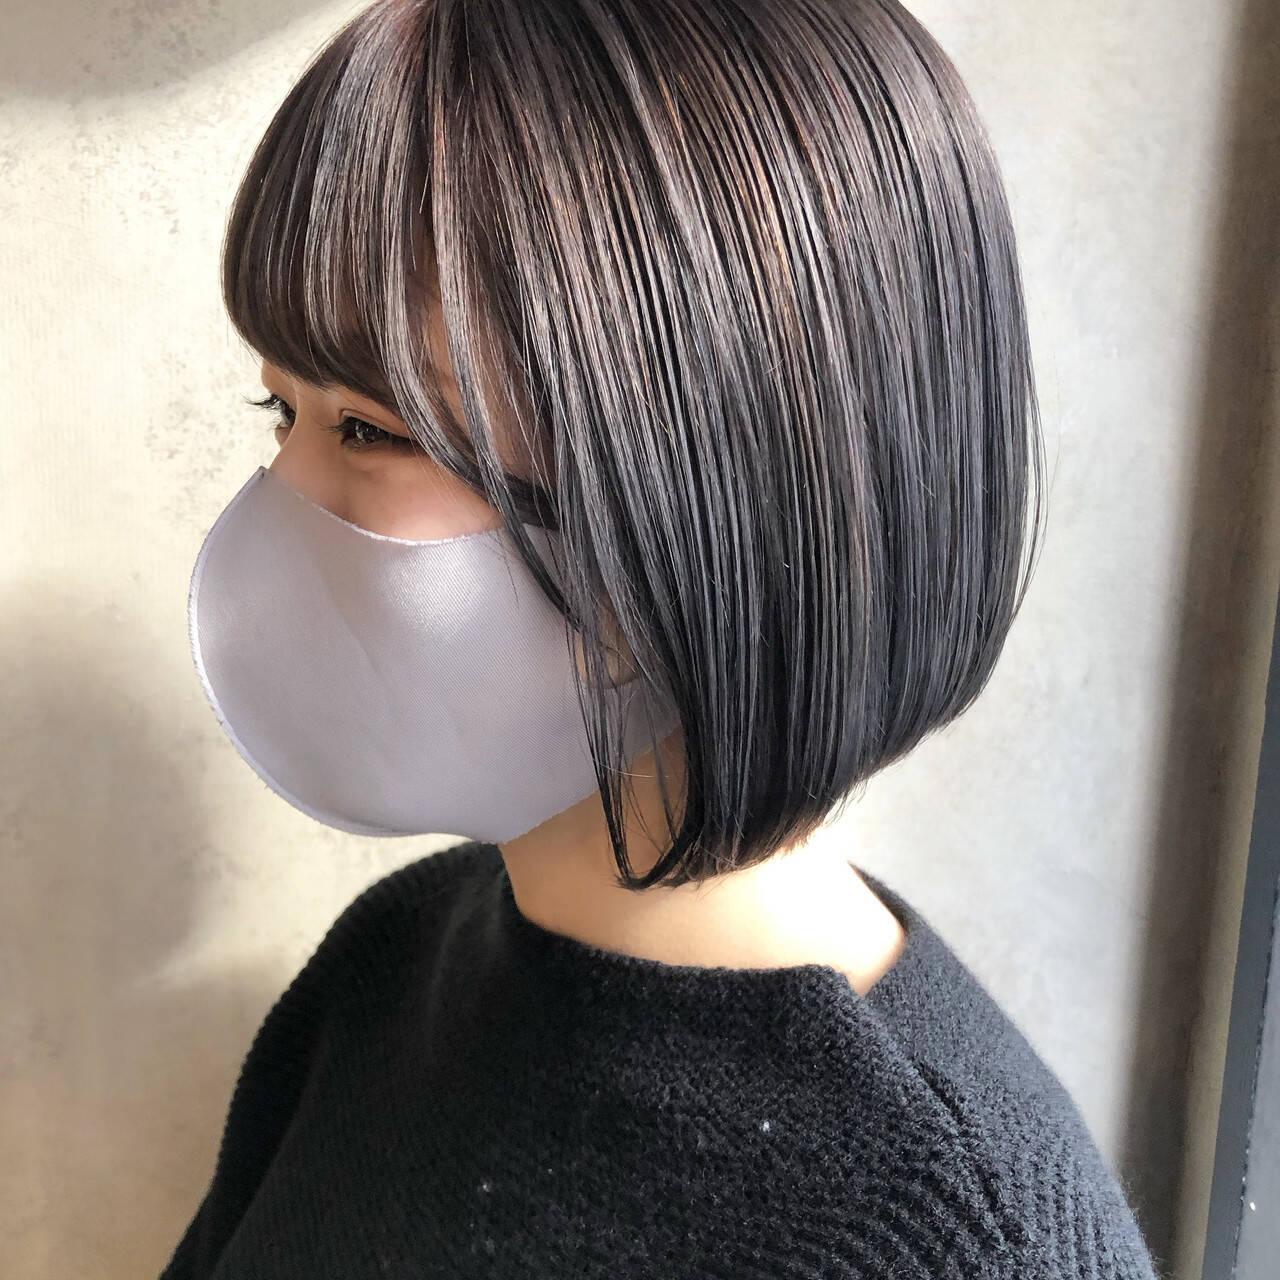 透明感カラー ショートヘア ボブ ミニボブヘアスタイルや髪型の写真・画像